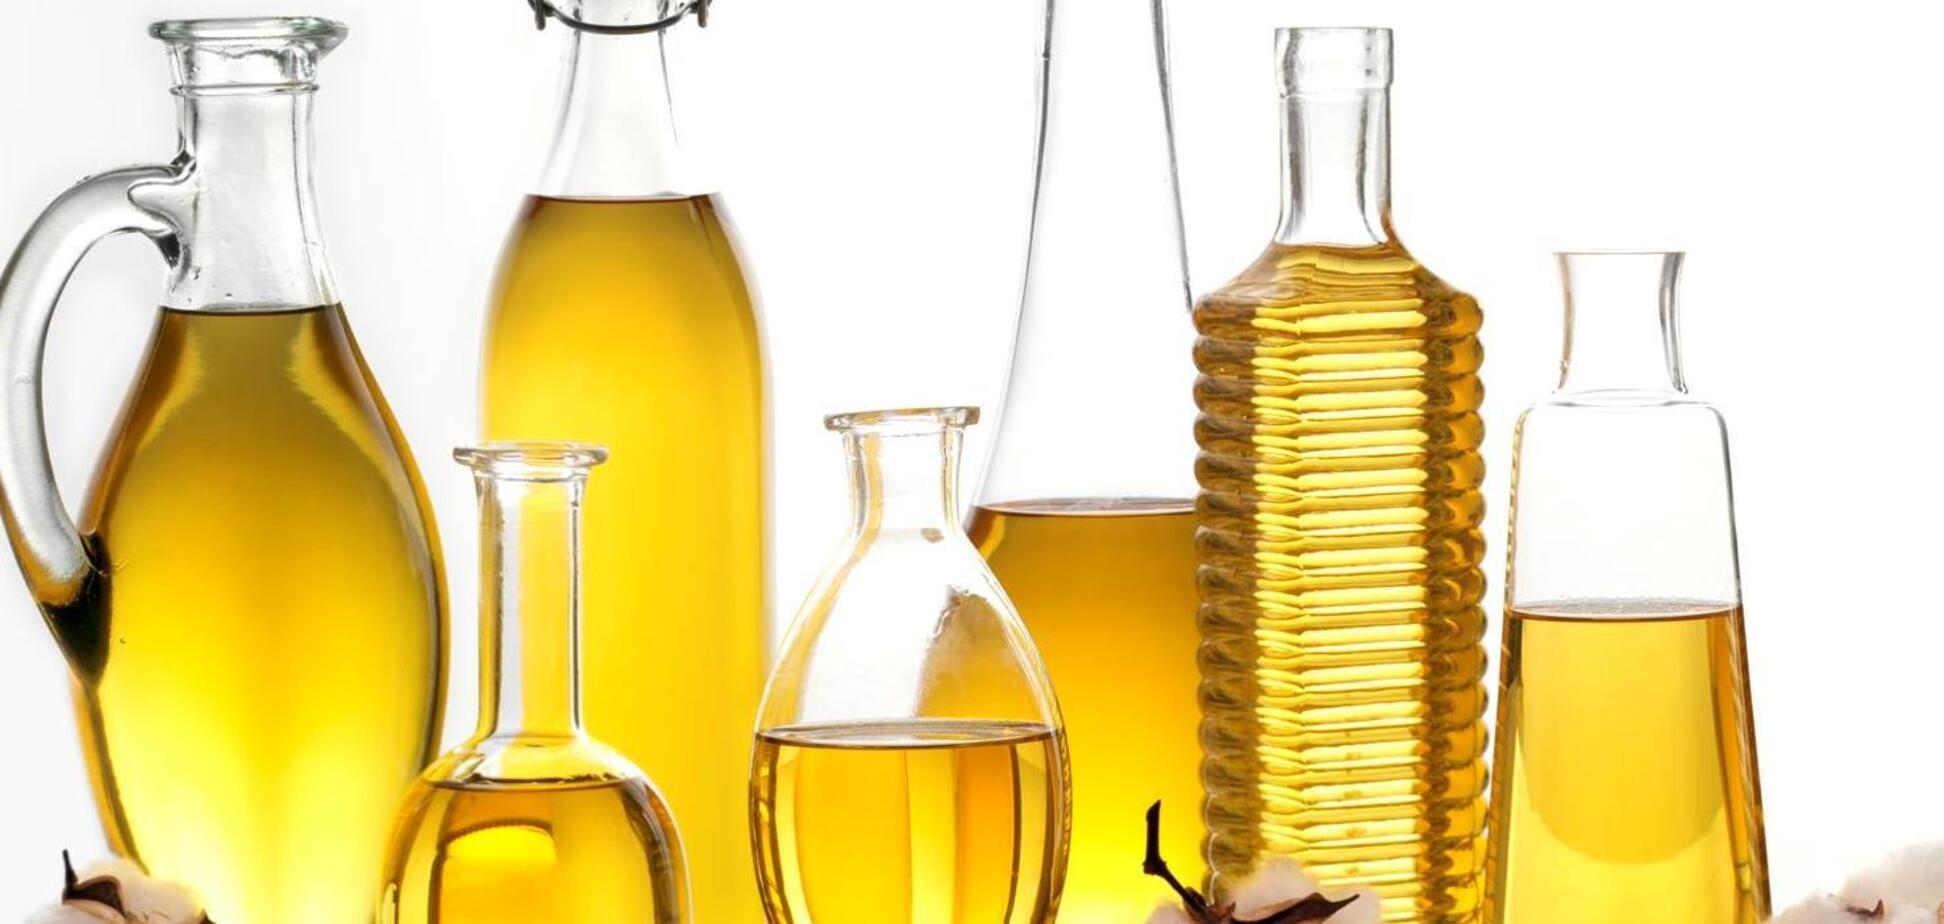 Цены на масло выросли